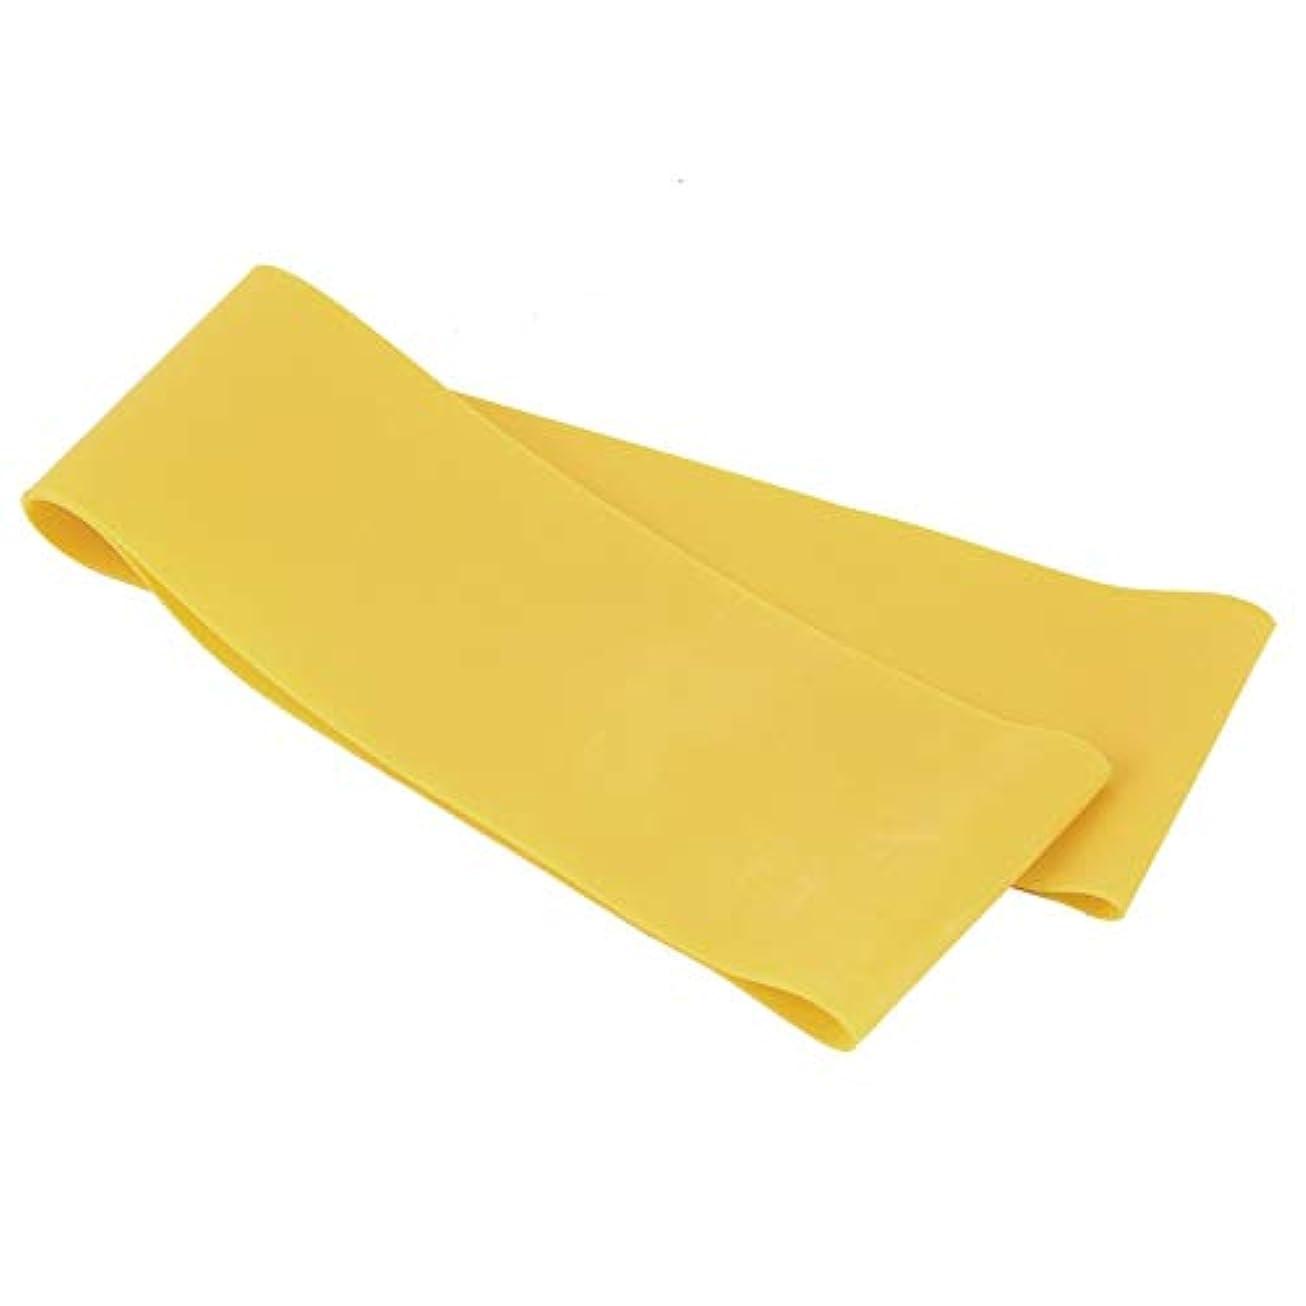 特徴巨大な代わりに滑り止めの伸縮性のあるゴム製伸縮性があるヨガのベルトバンド引きロープの張力抵抗バンドループ強さのためのフィットネスヨガツール - 黄色